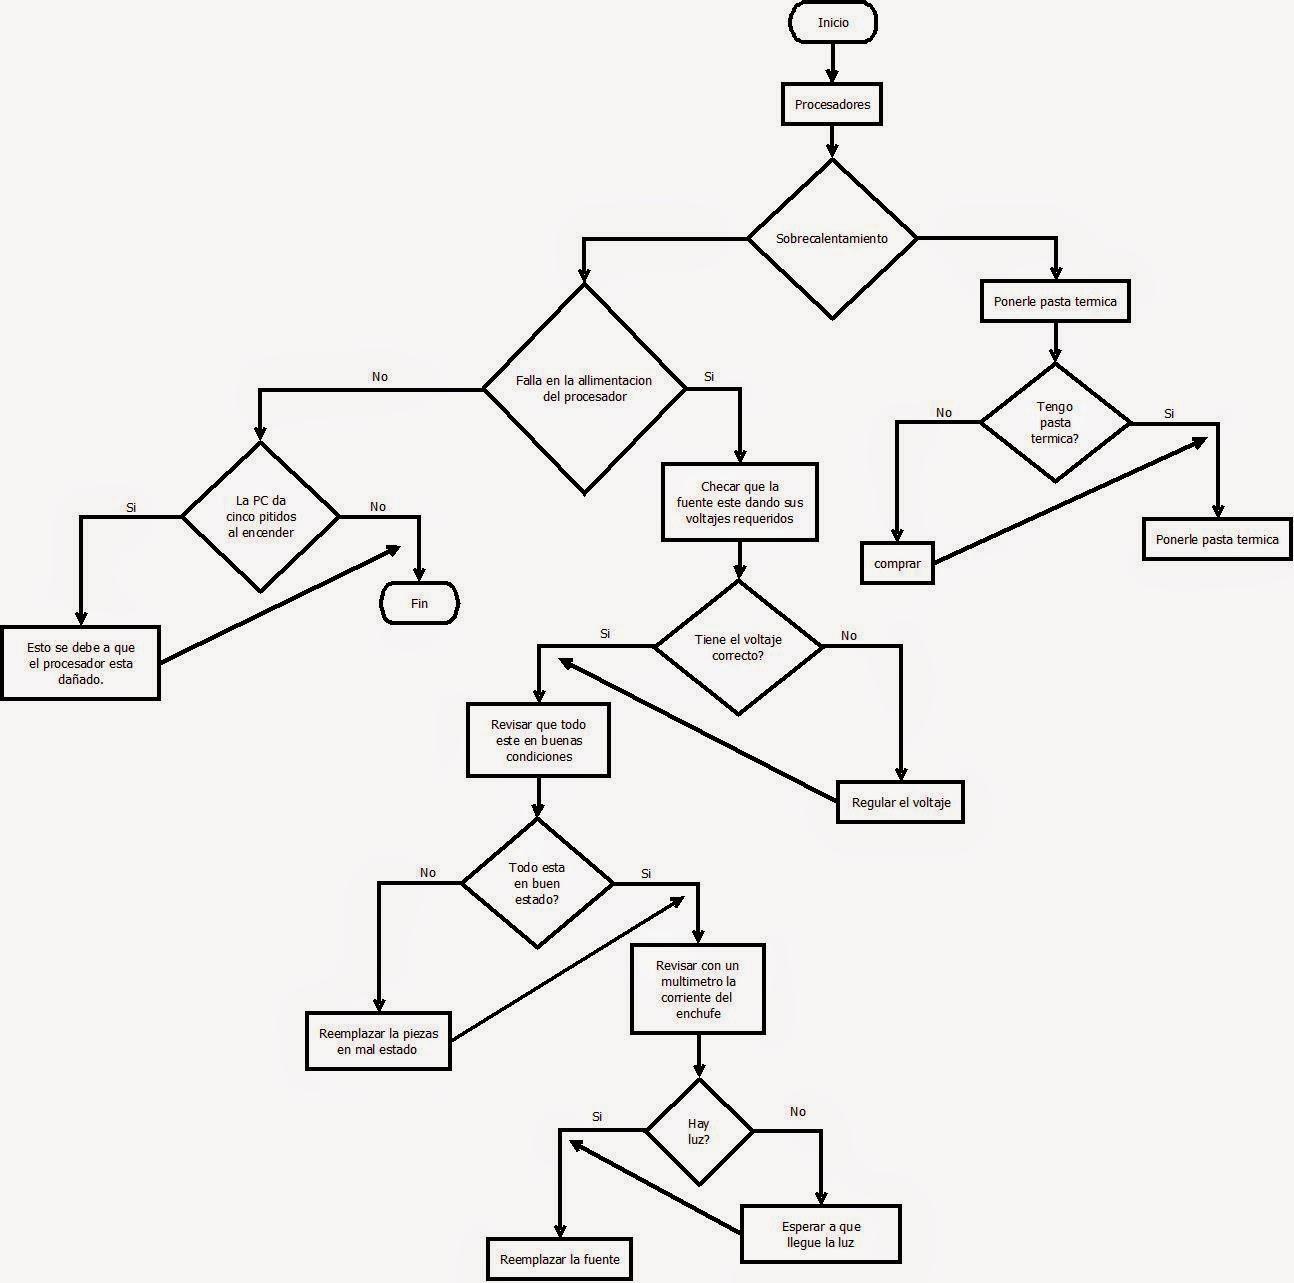 Soporte A Distancia Diagramas De Flujo De Hardware